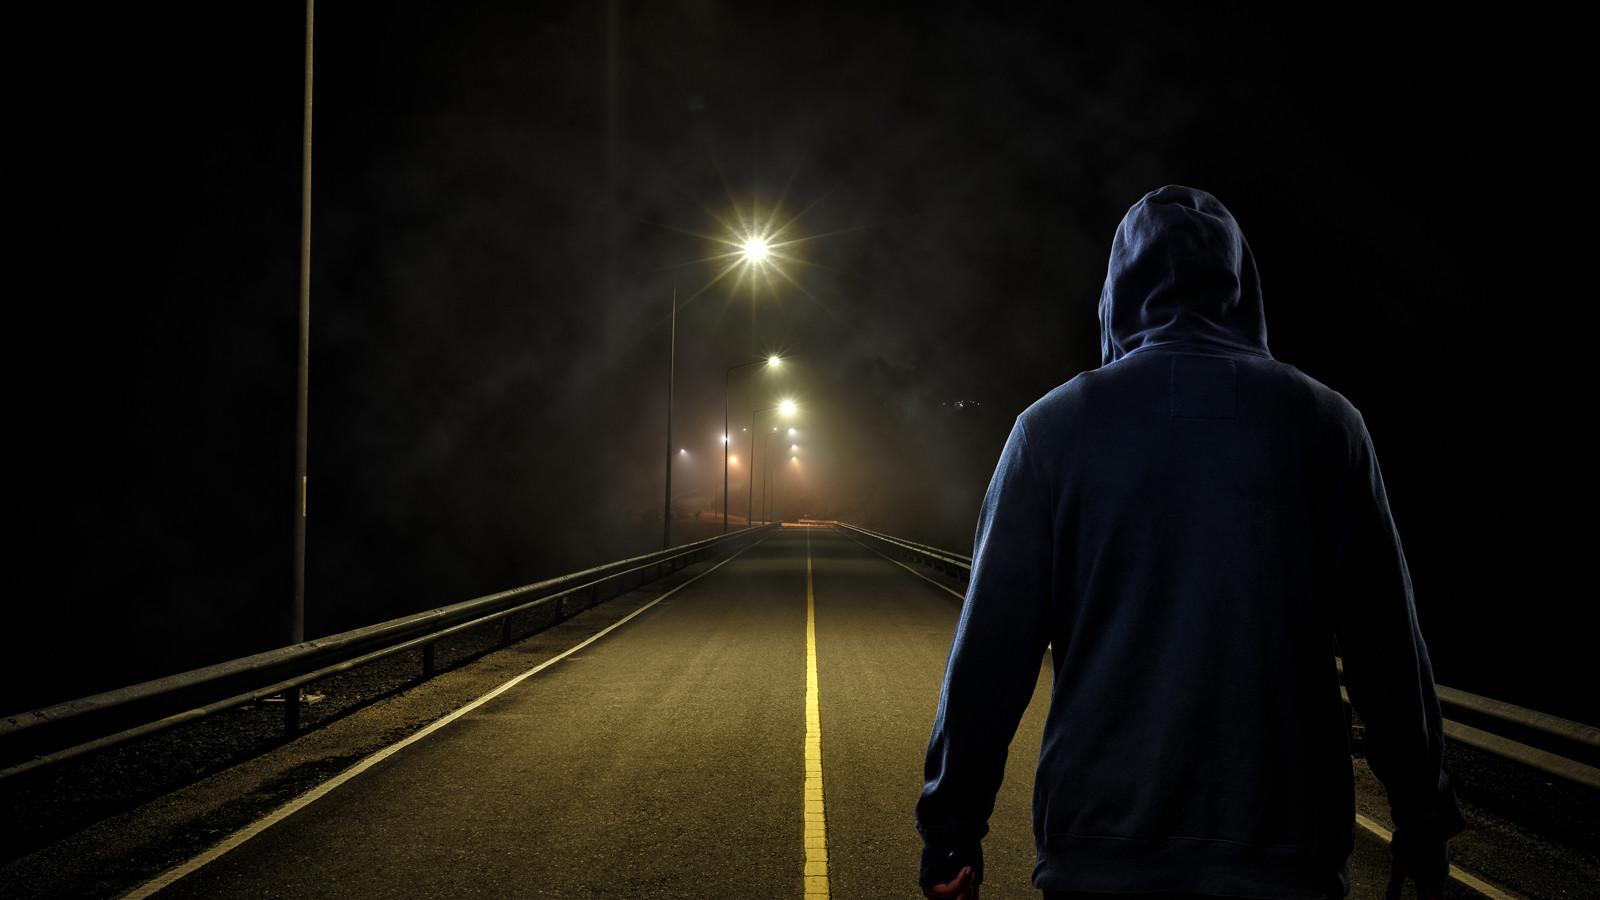 Водители обязаны надевать светоотражающий жилет